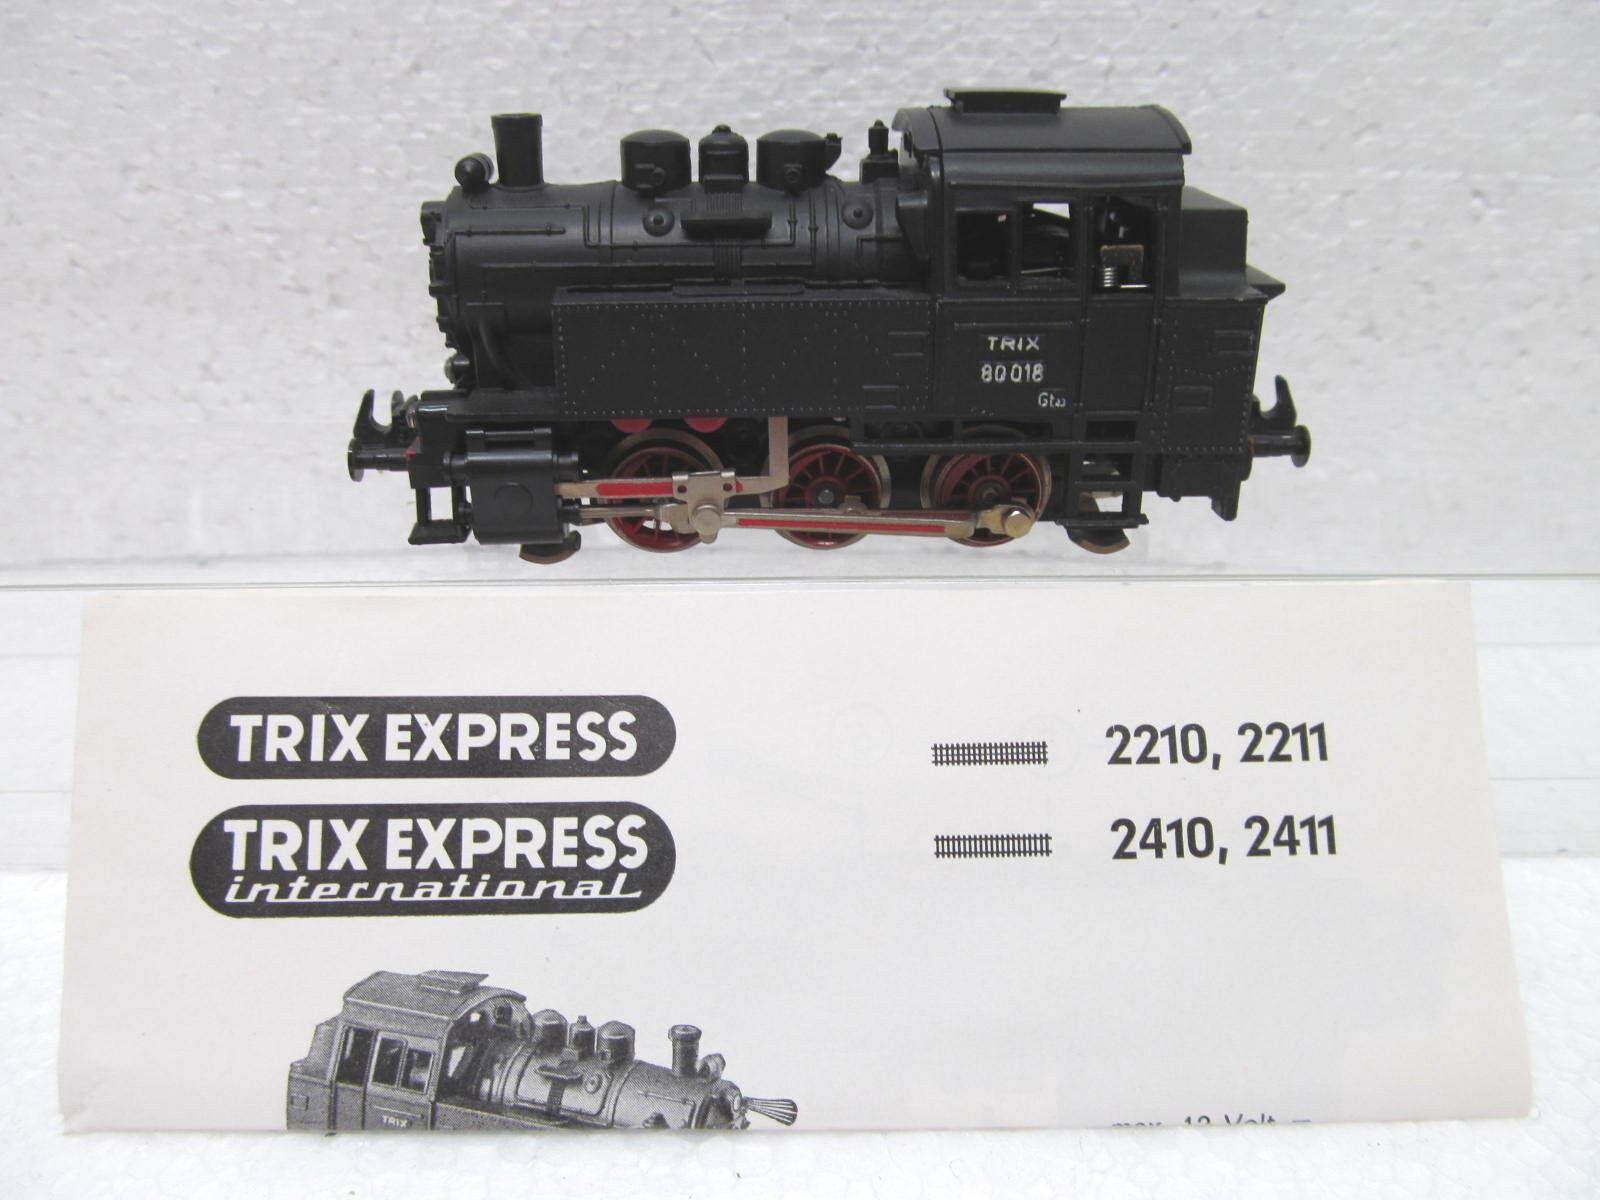 Mes-39751 Trix internamente. locomotiva h0 80 018 ottime condizioni, esaminato funzione,